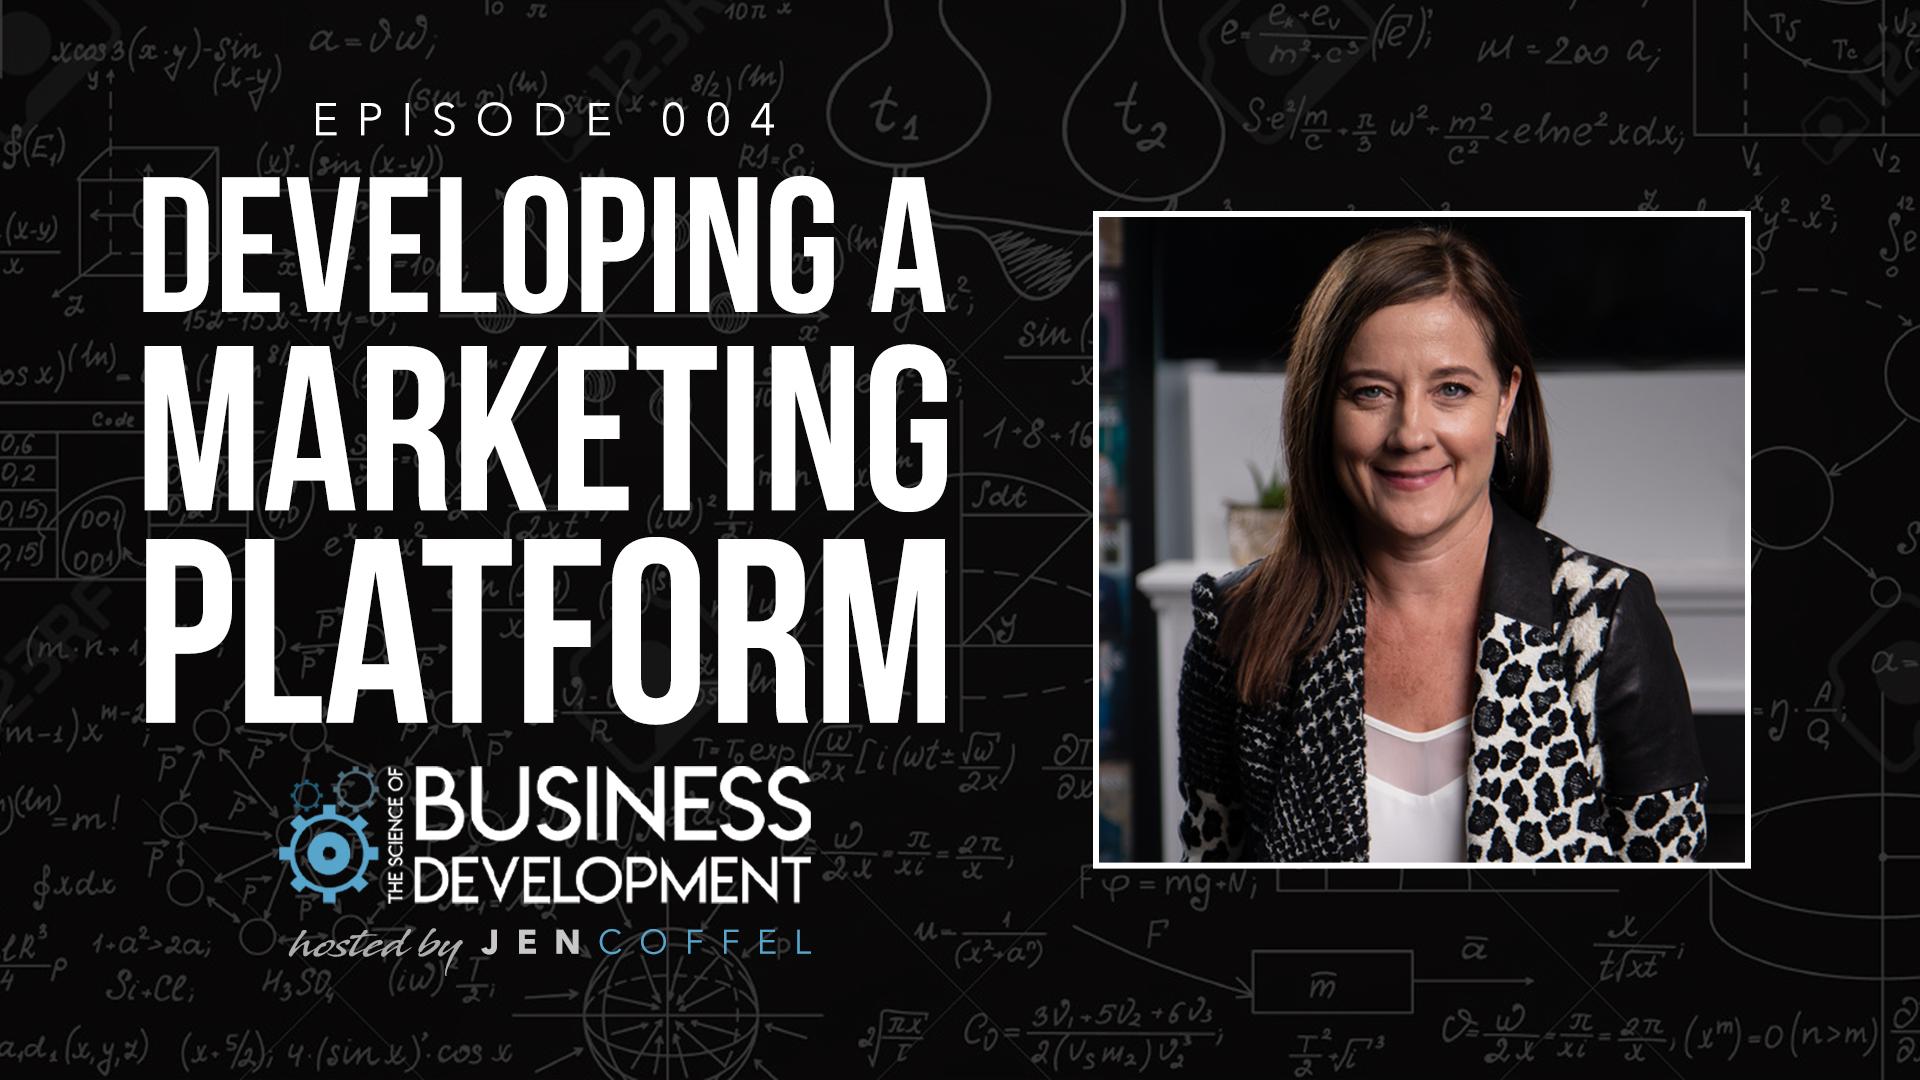 TSOBD - Developing a Marketing Strategy